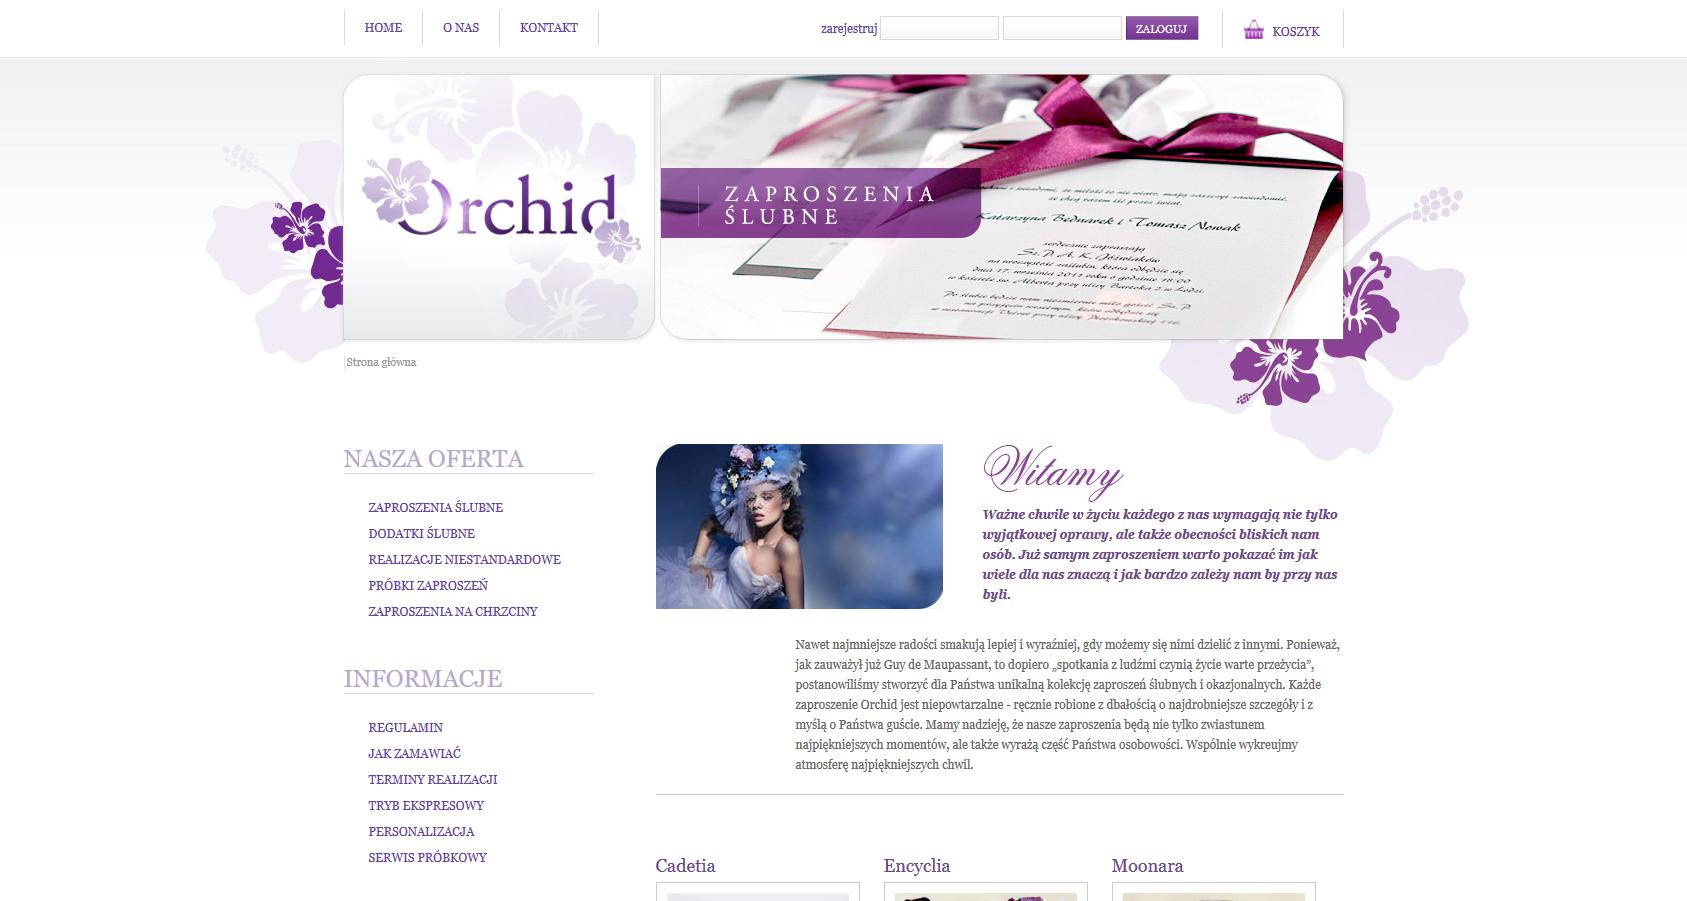 Orchid zaproszenia ślubne